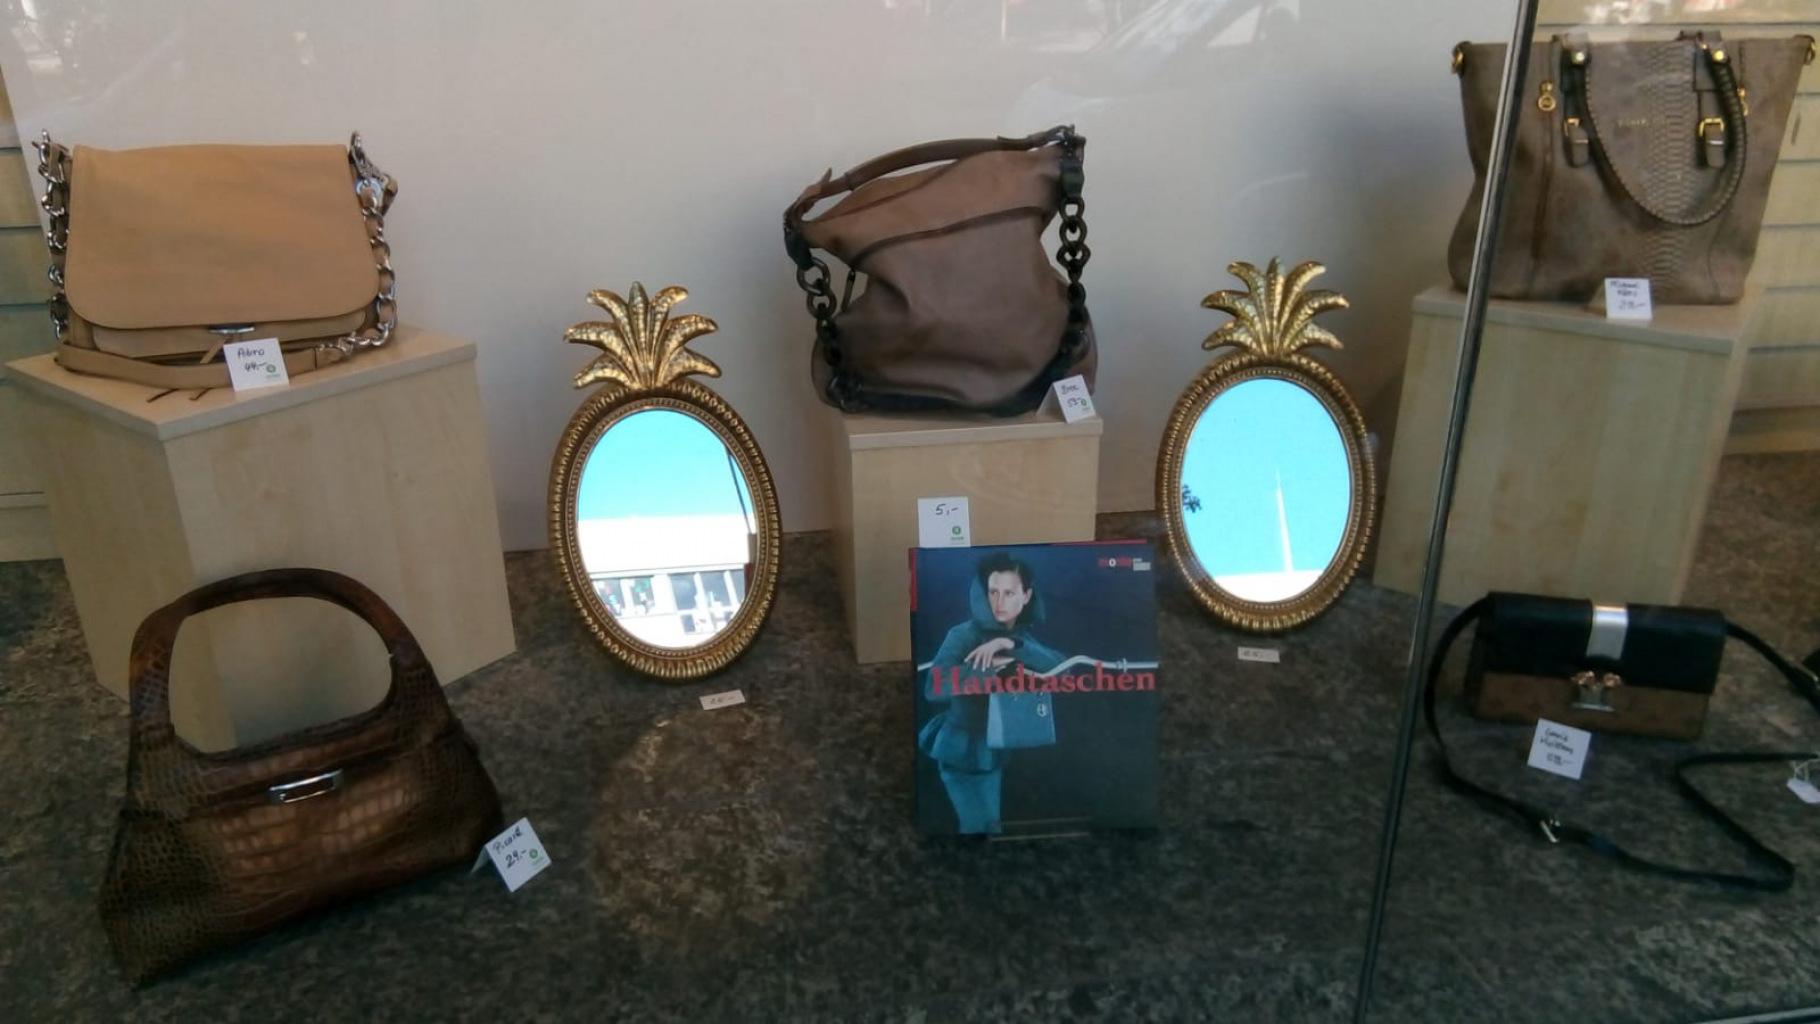 Handtaschen im Schaufenster